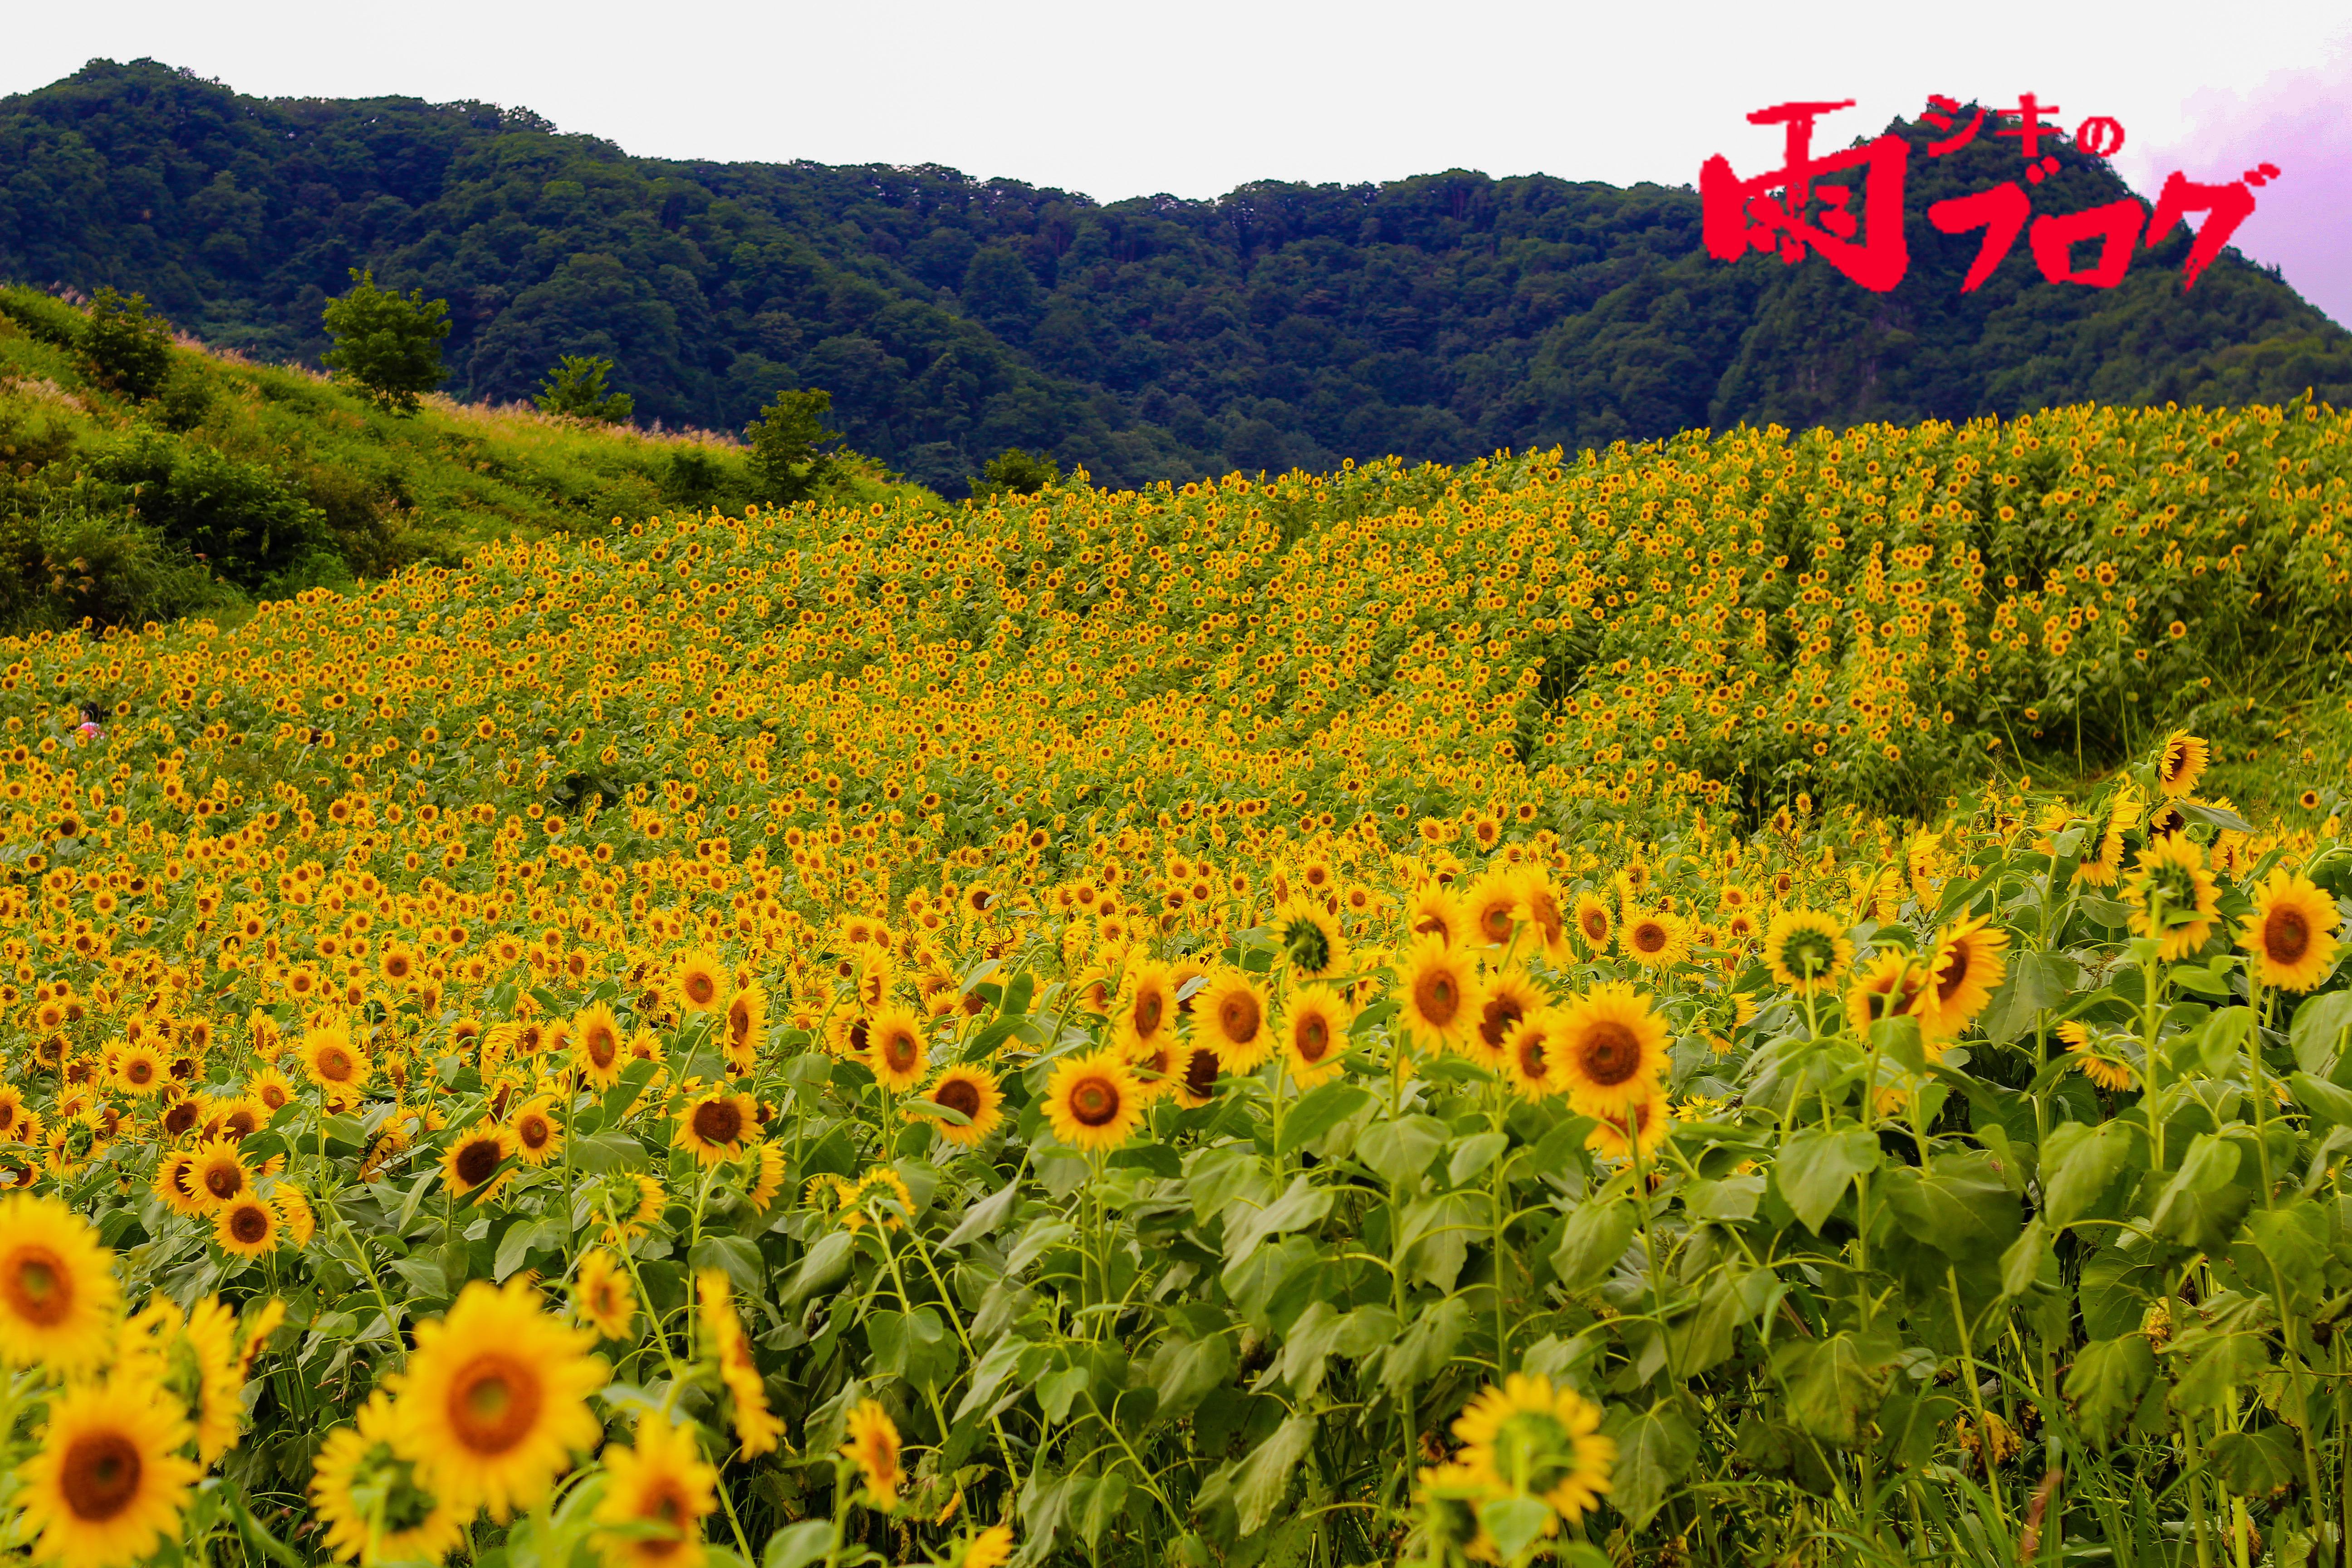 シキ、撒き餌レンズをもって蜂を撮りに行く。〜三ノ倉高原〜